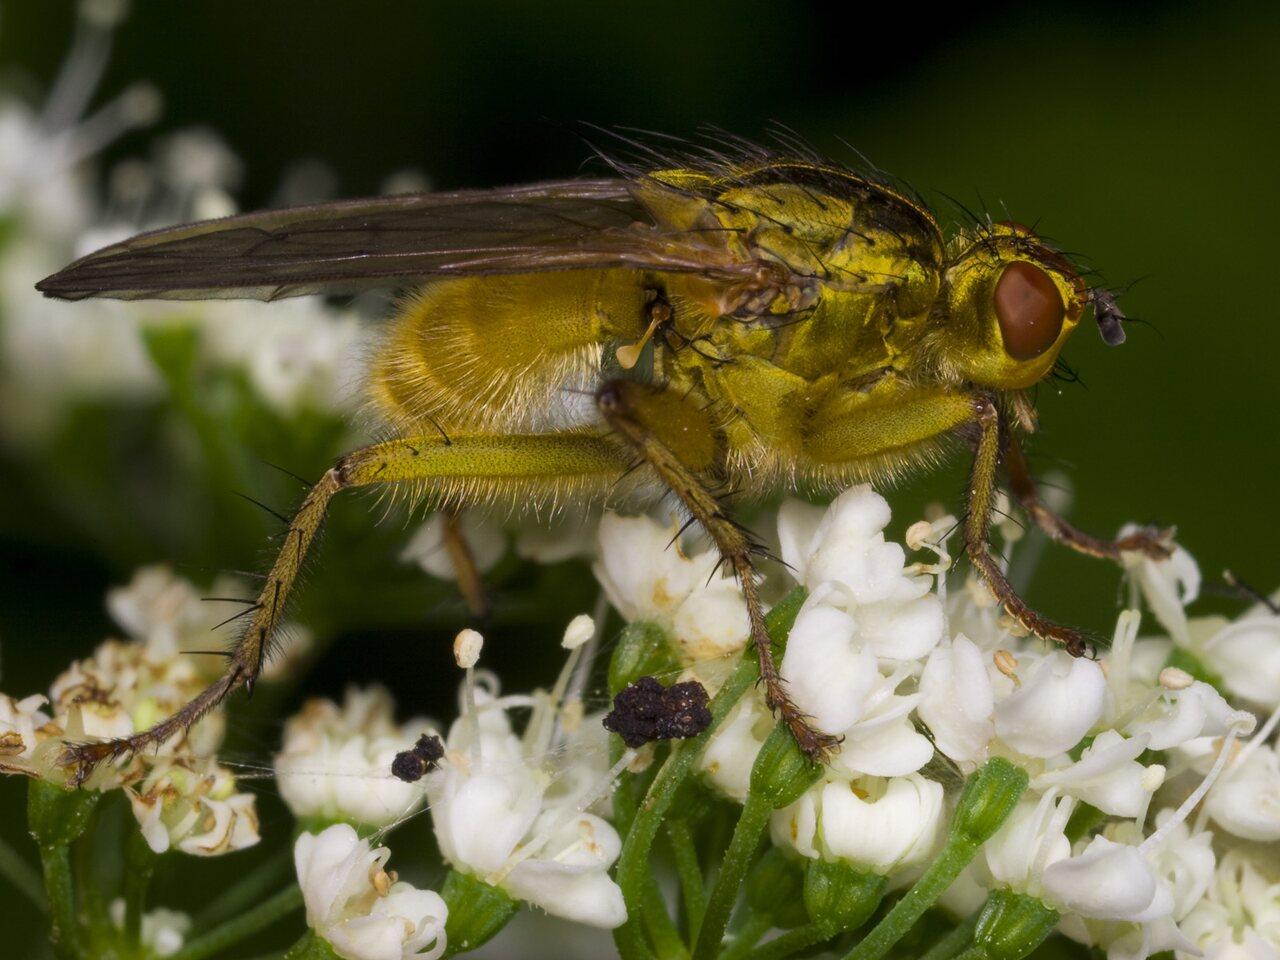 Scathophaga-stercoraria-3338.jpg